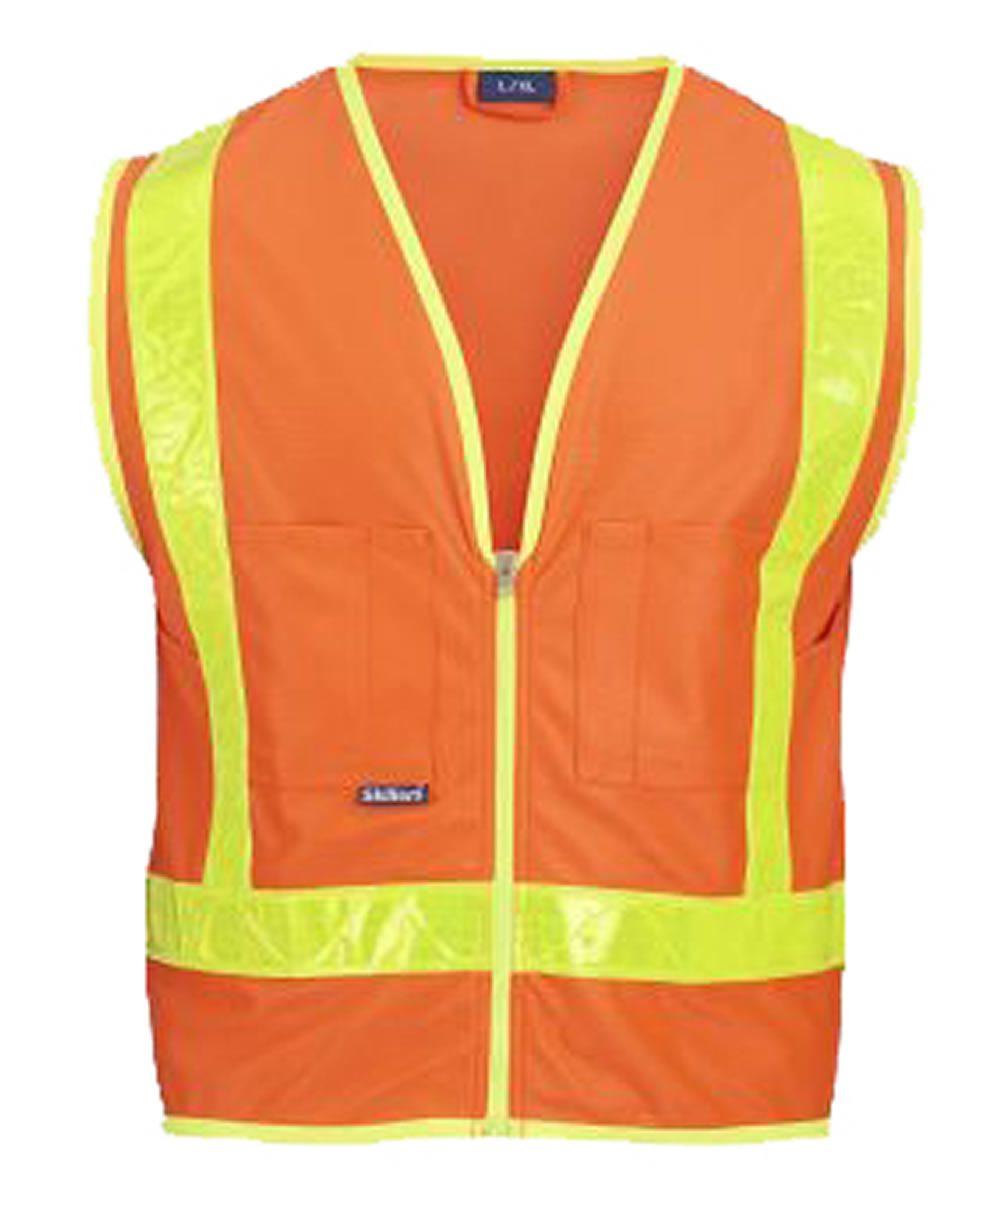 Skillers High Visibility Safety Vest - Orange Solid Vest